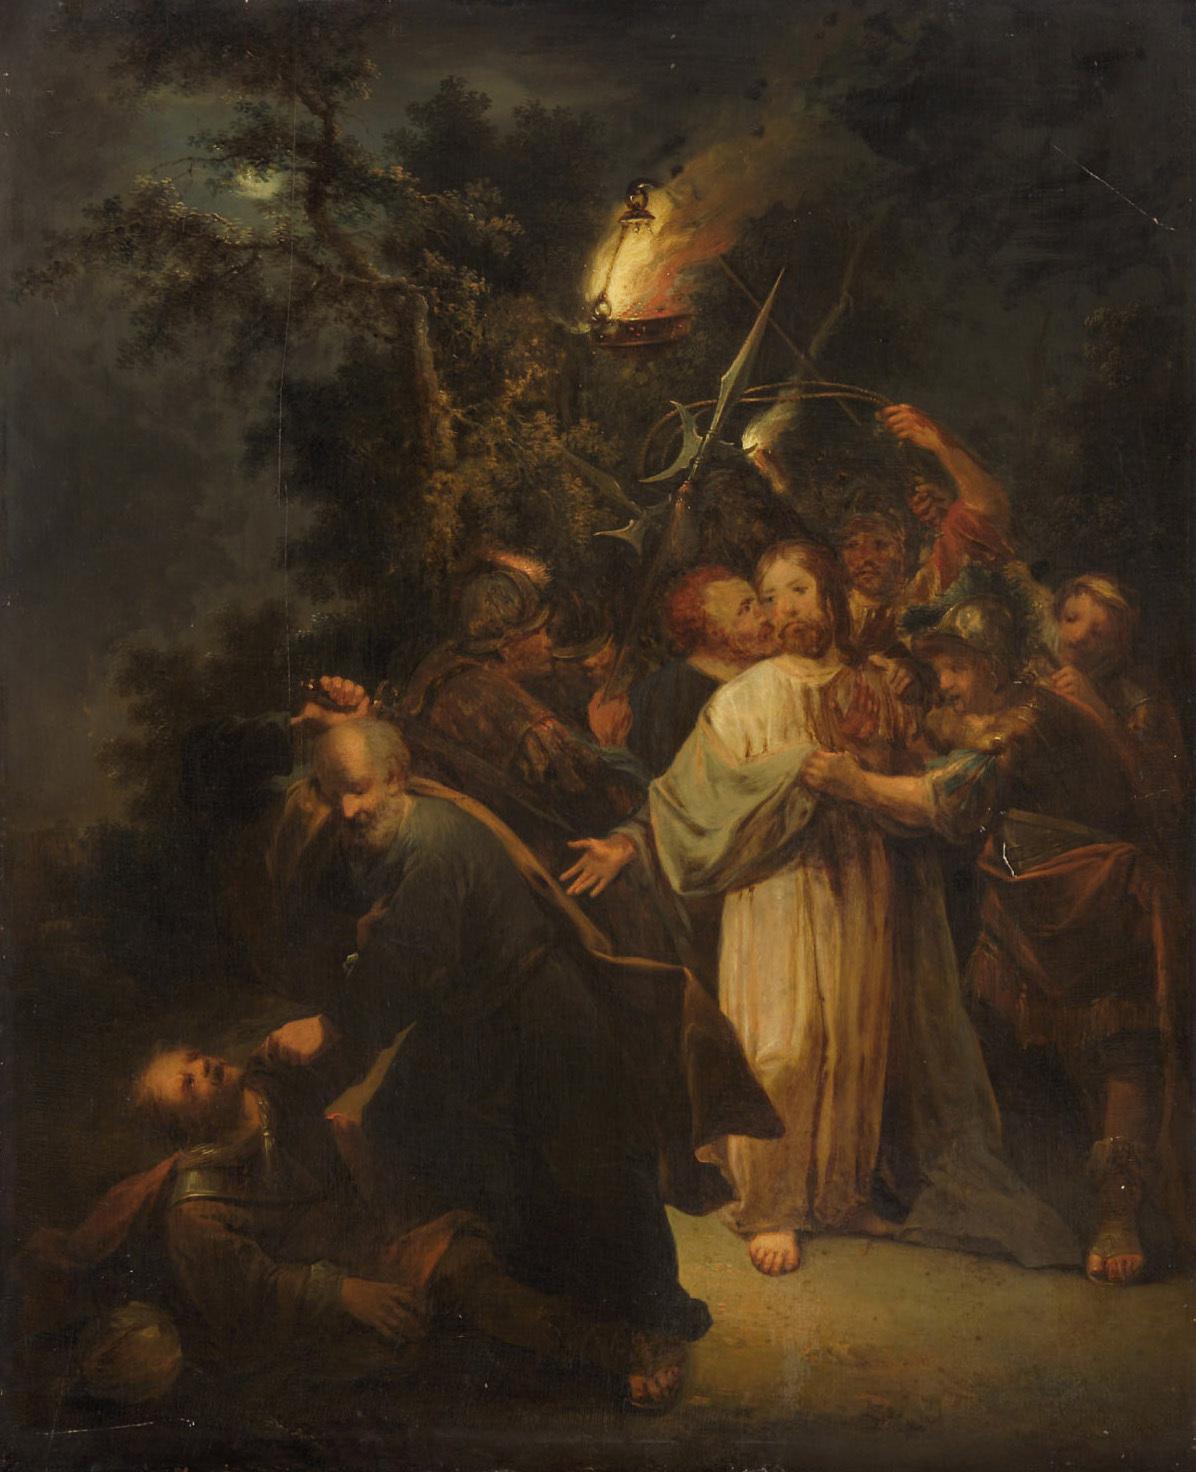 Gefangennahme Christi von Johann Conrad Seekatz